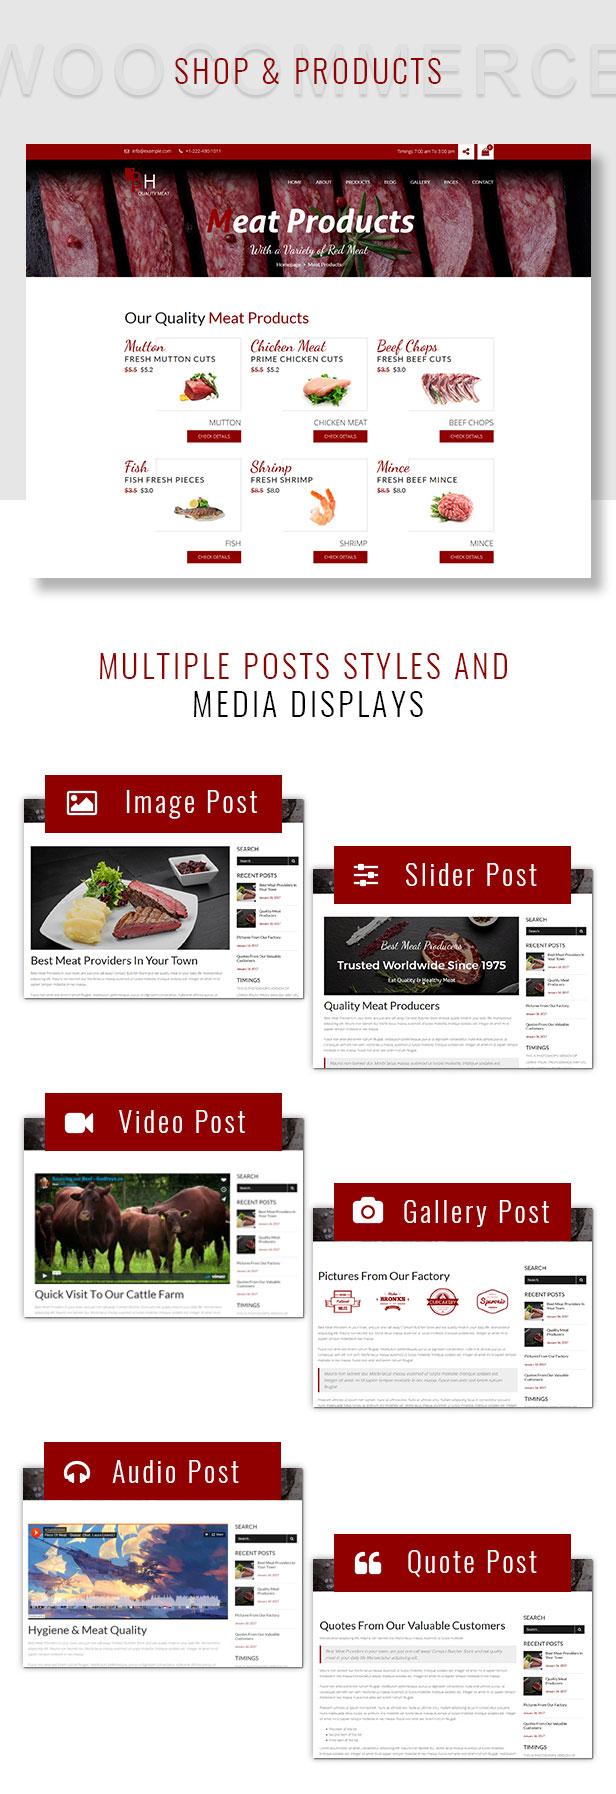 ButcherHatti Sales Graphic